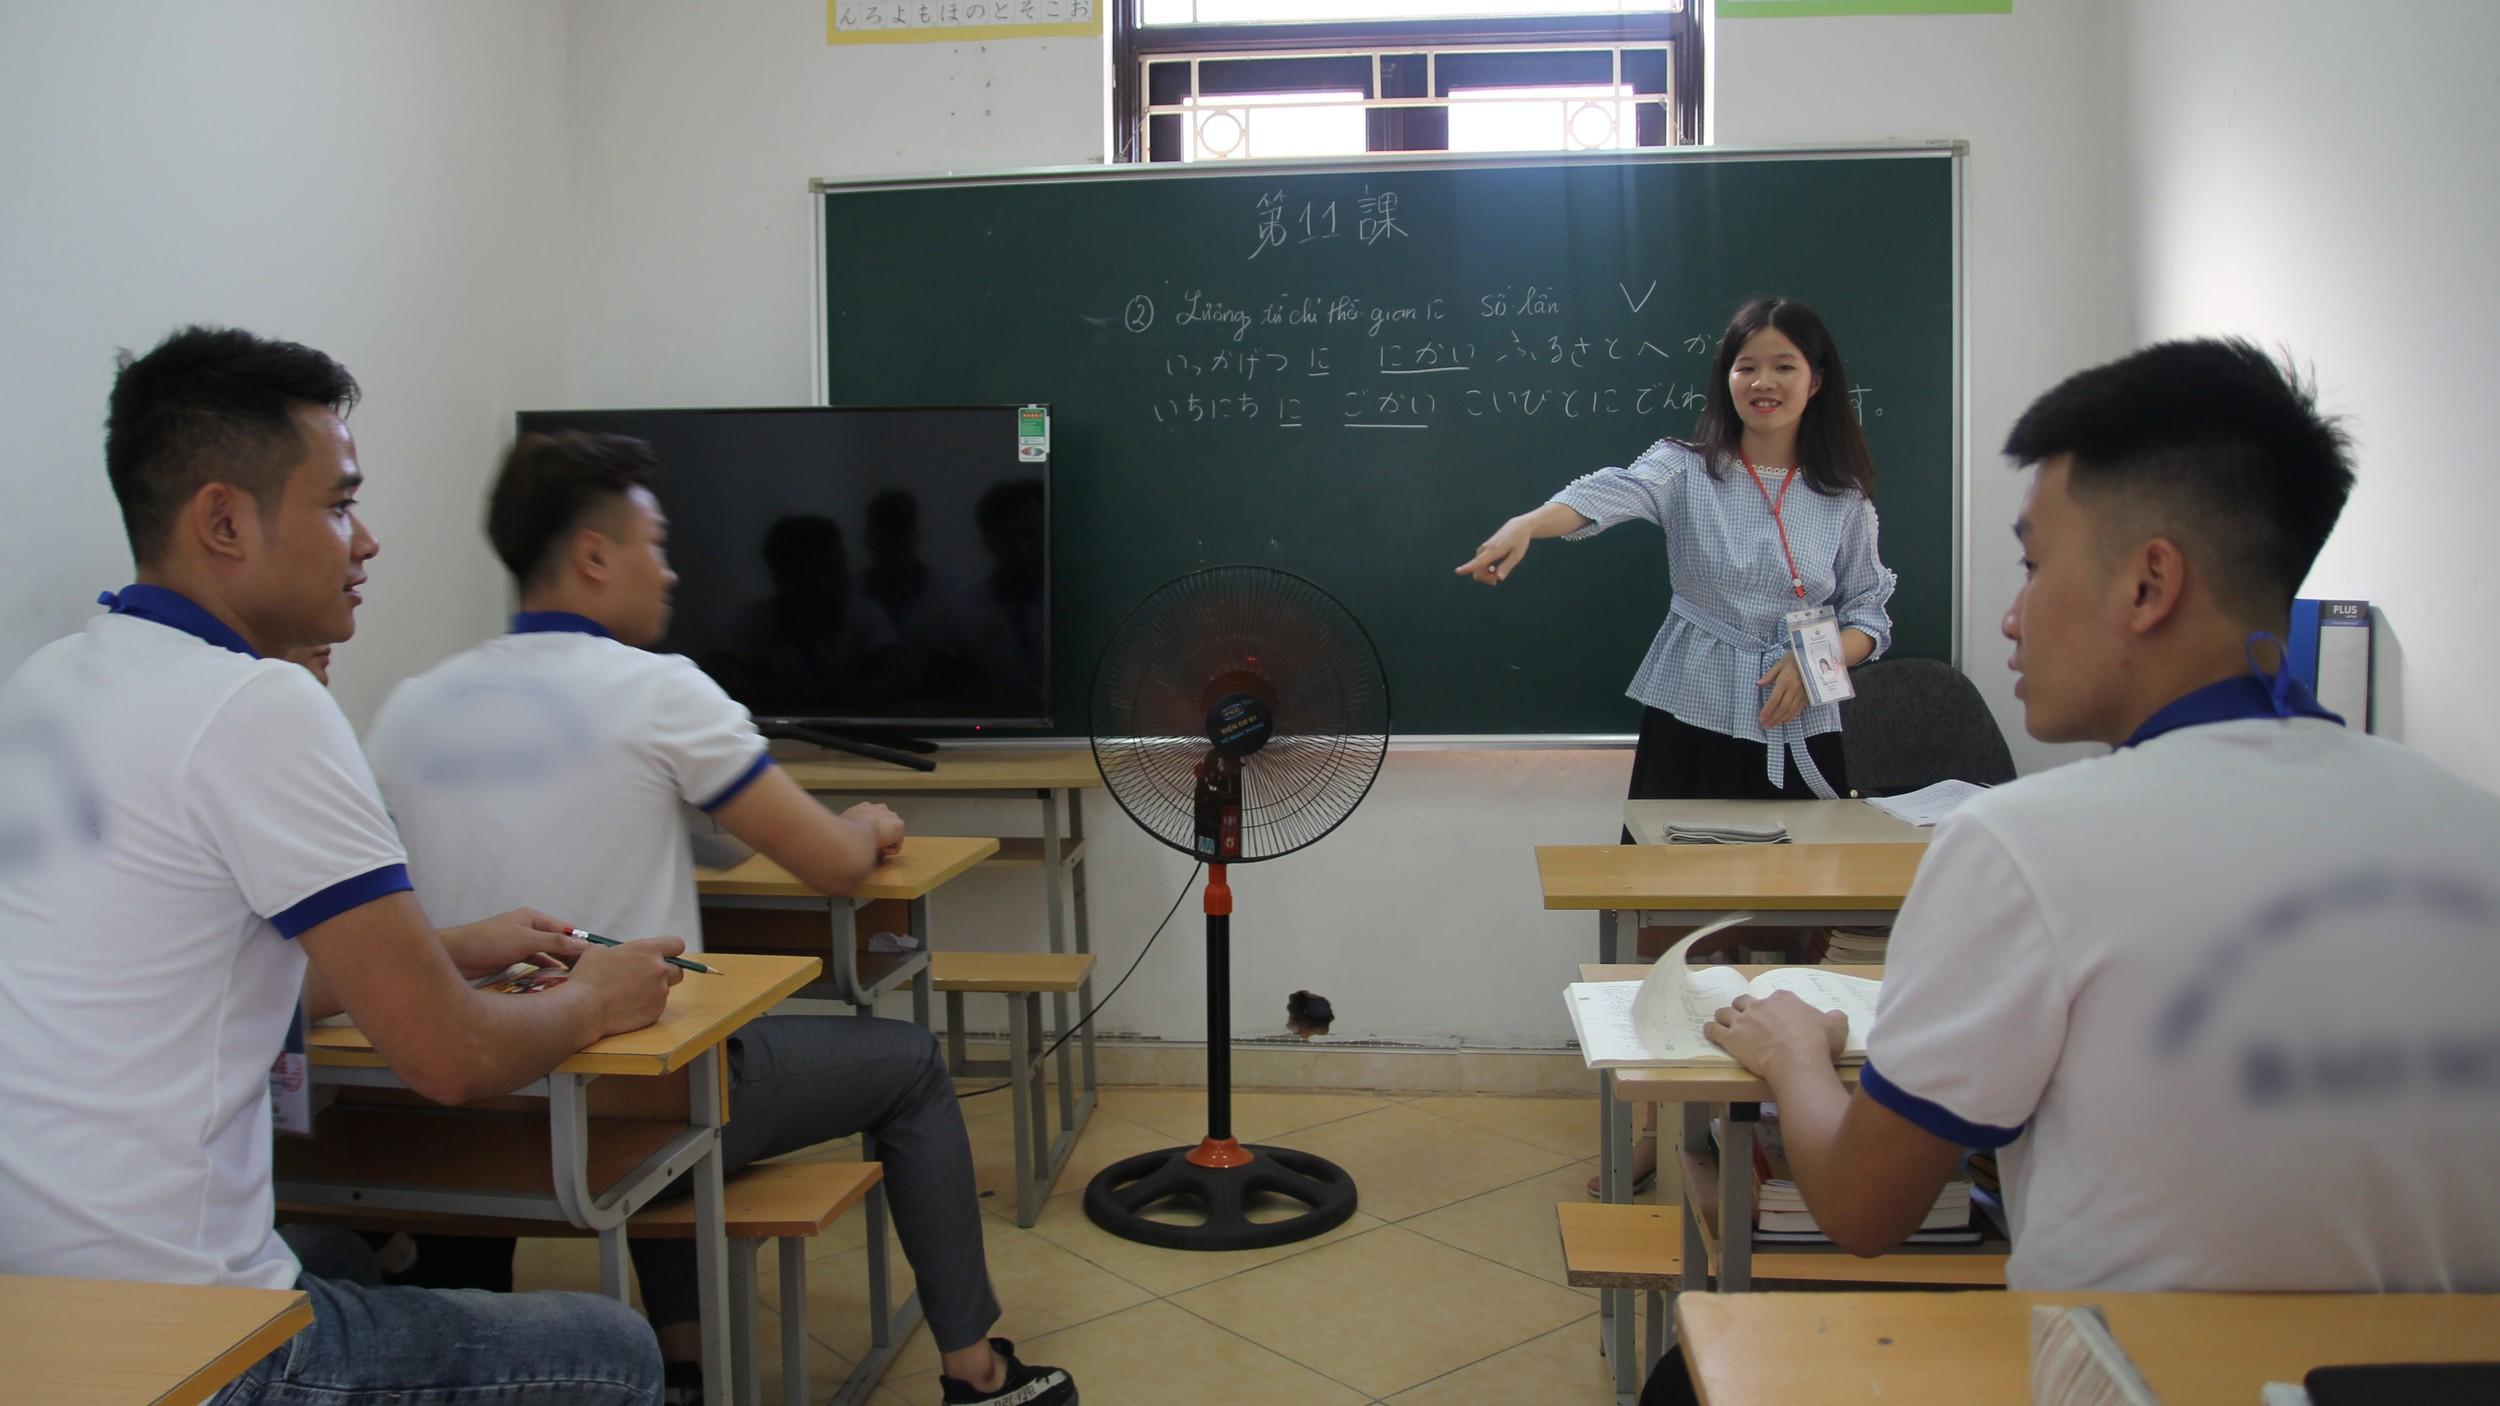 图说:越南移工赴日本工作之前,必须通过语言与技能检定。图为一所越南中介开设的日语训练中心。(照片提供/1095)